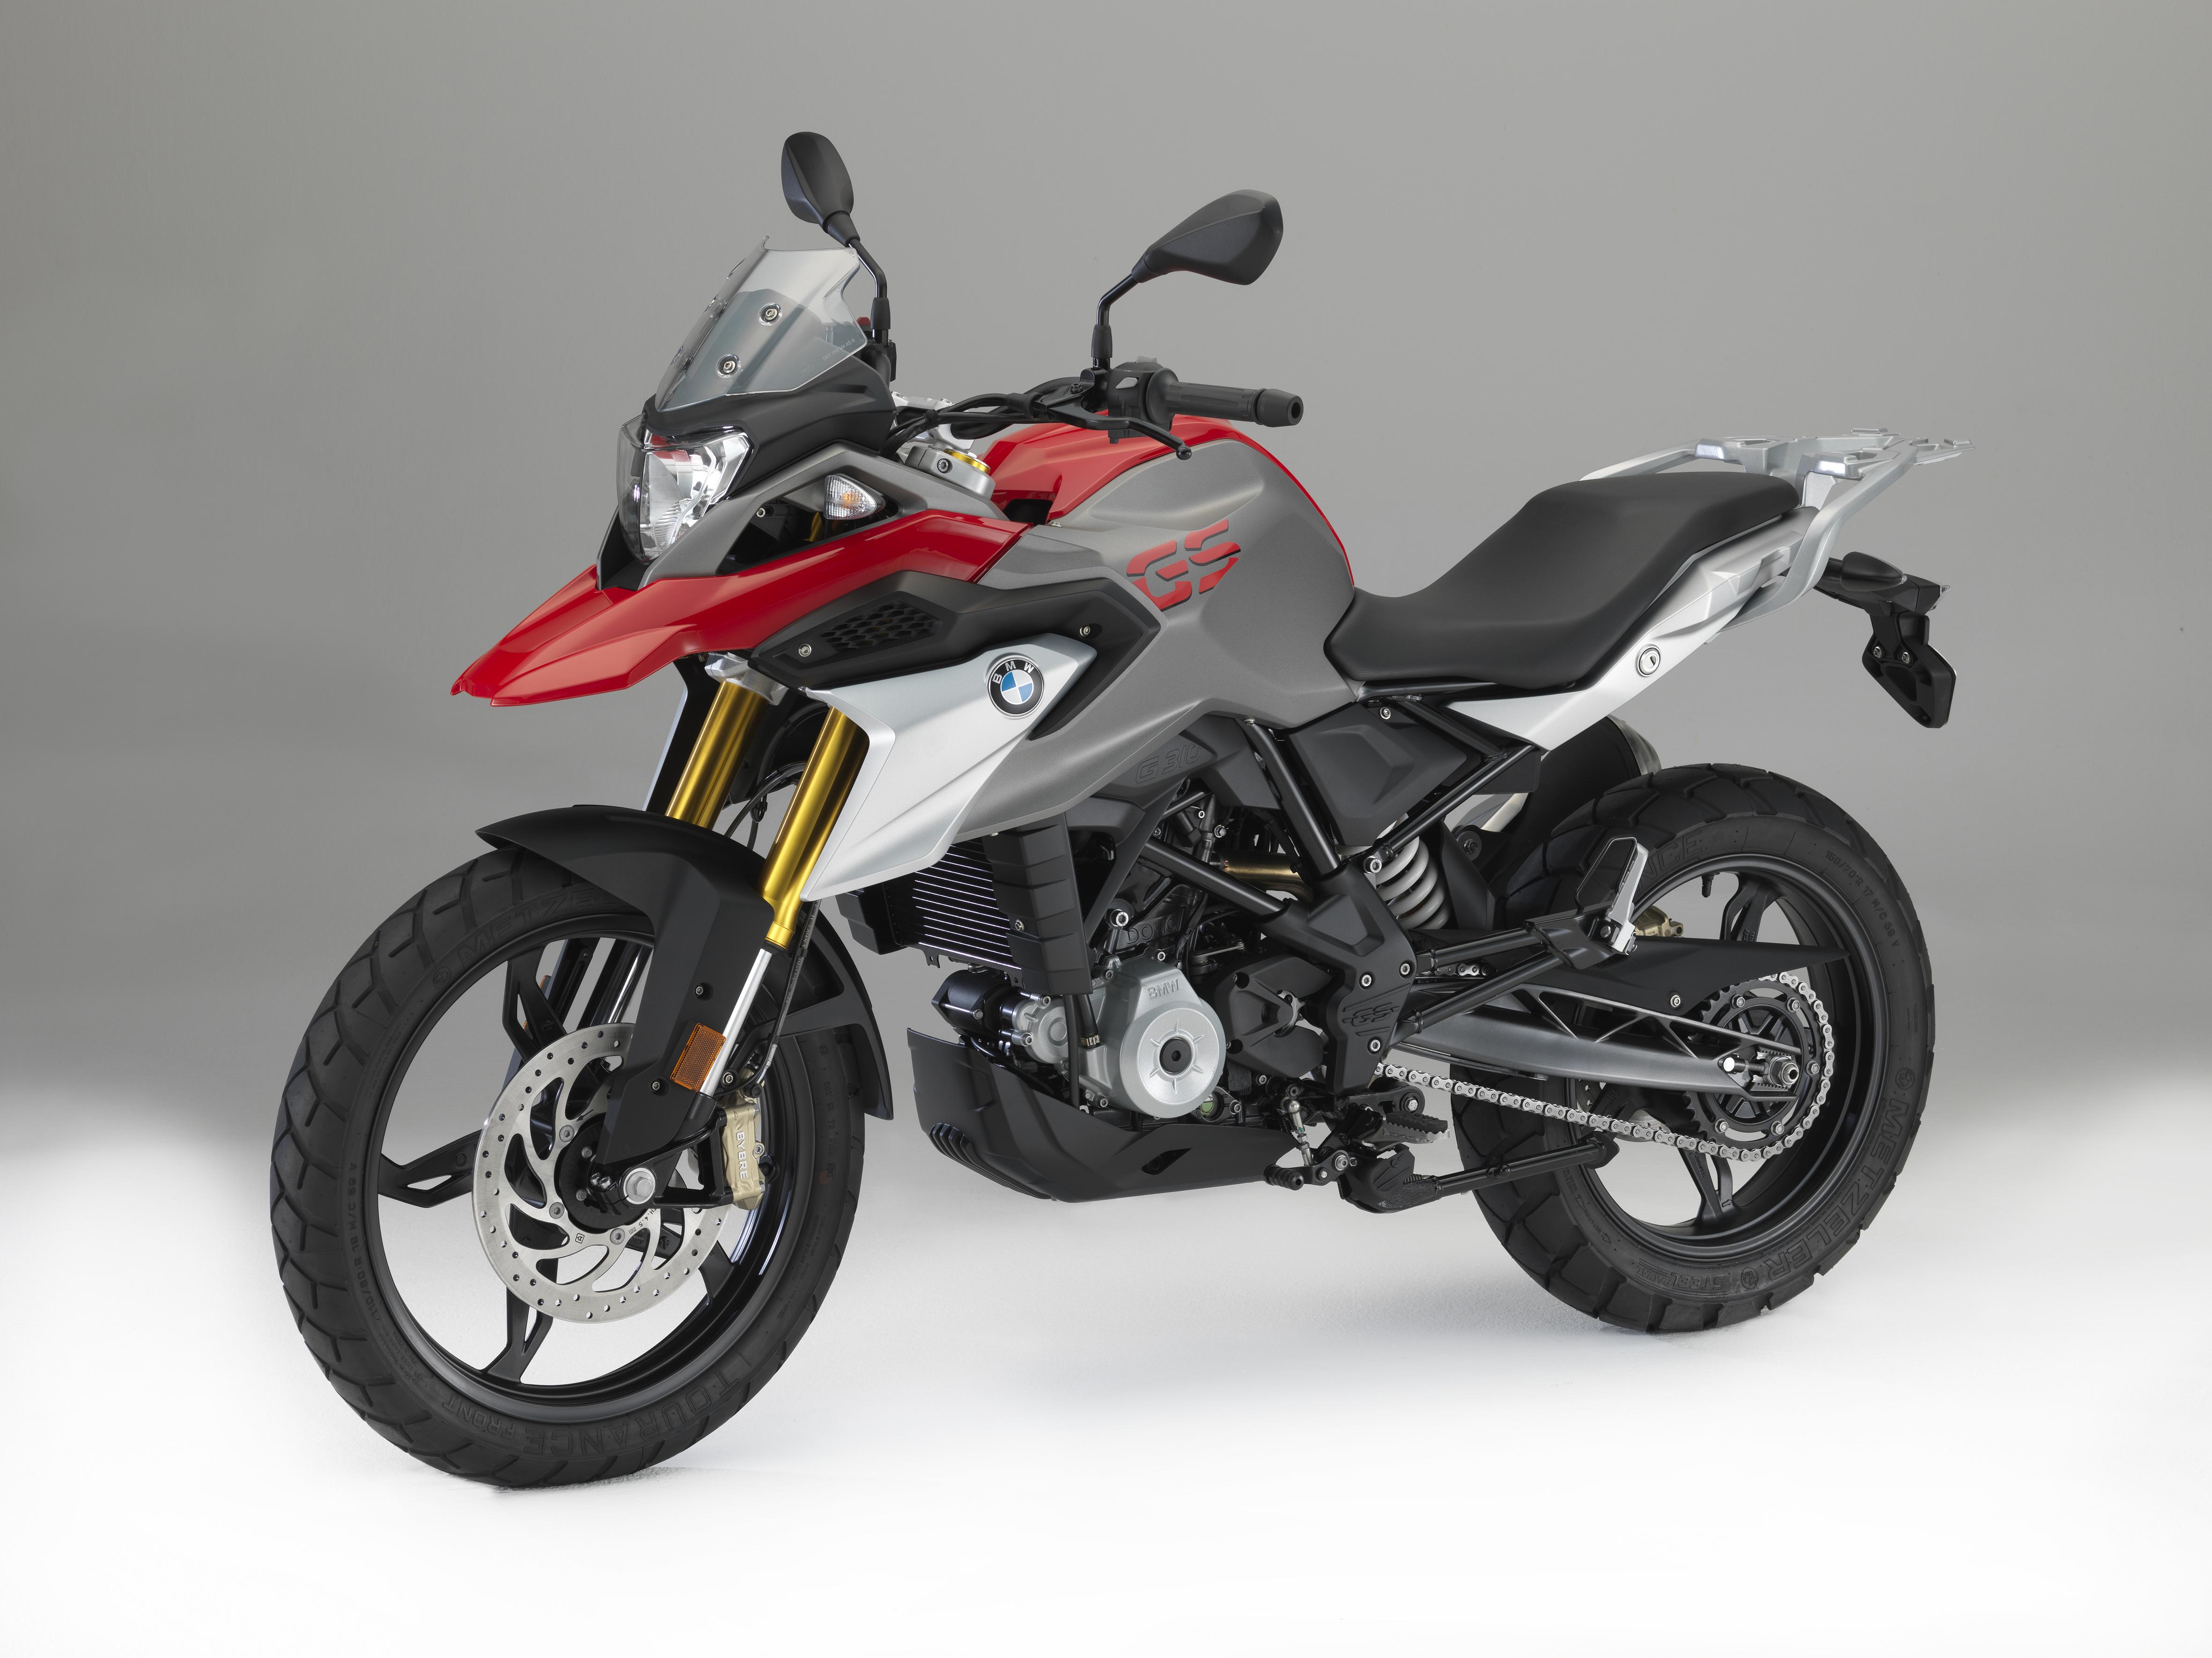 【バイク】BMW G310R(税込58万円)が出た時は馬鹿にしてたけど昨日試乗したら乗りやすくて早くて欲しくなった [無断転載禁止]©2ch.net [599951212]YouTube動画>1本 ->画像>22枚